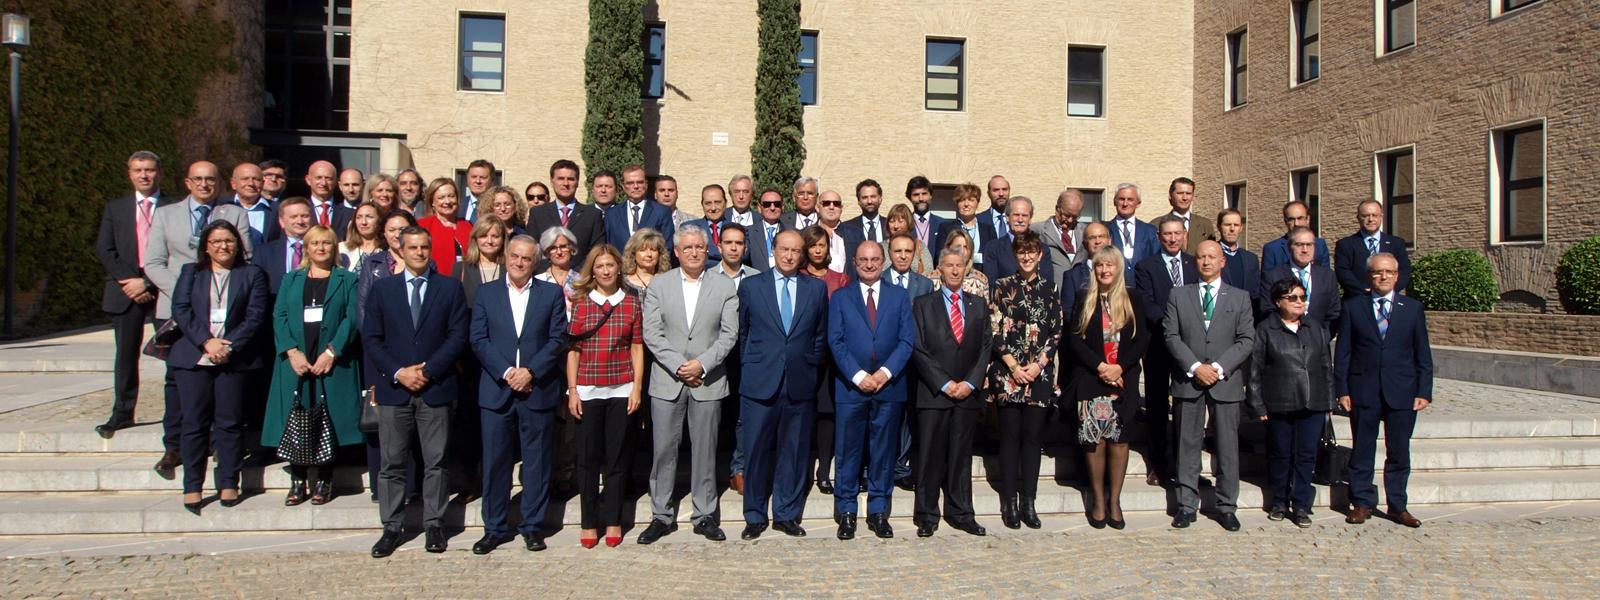 Convención de Organizaciones Empresariales de Pymes de España